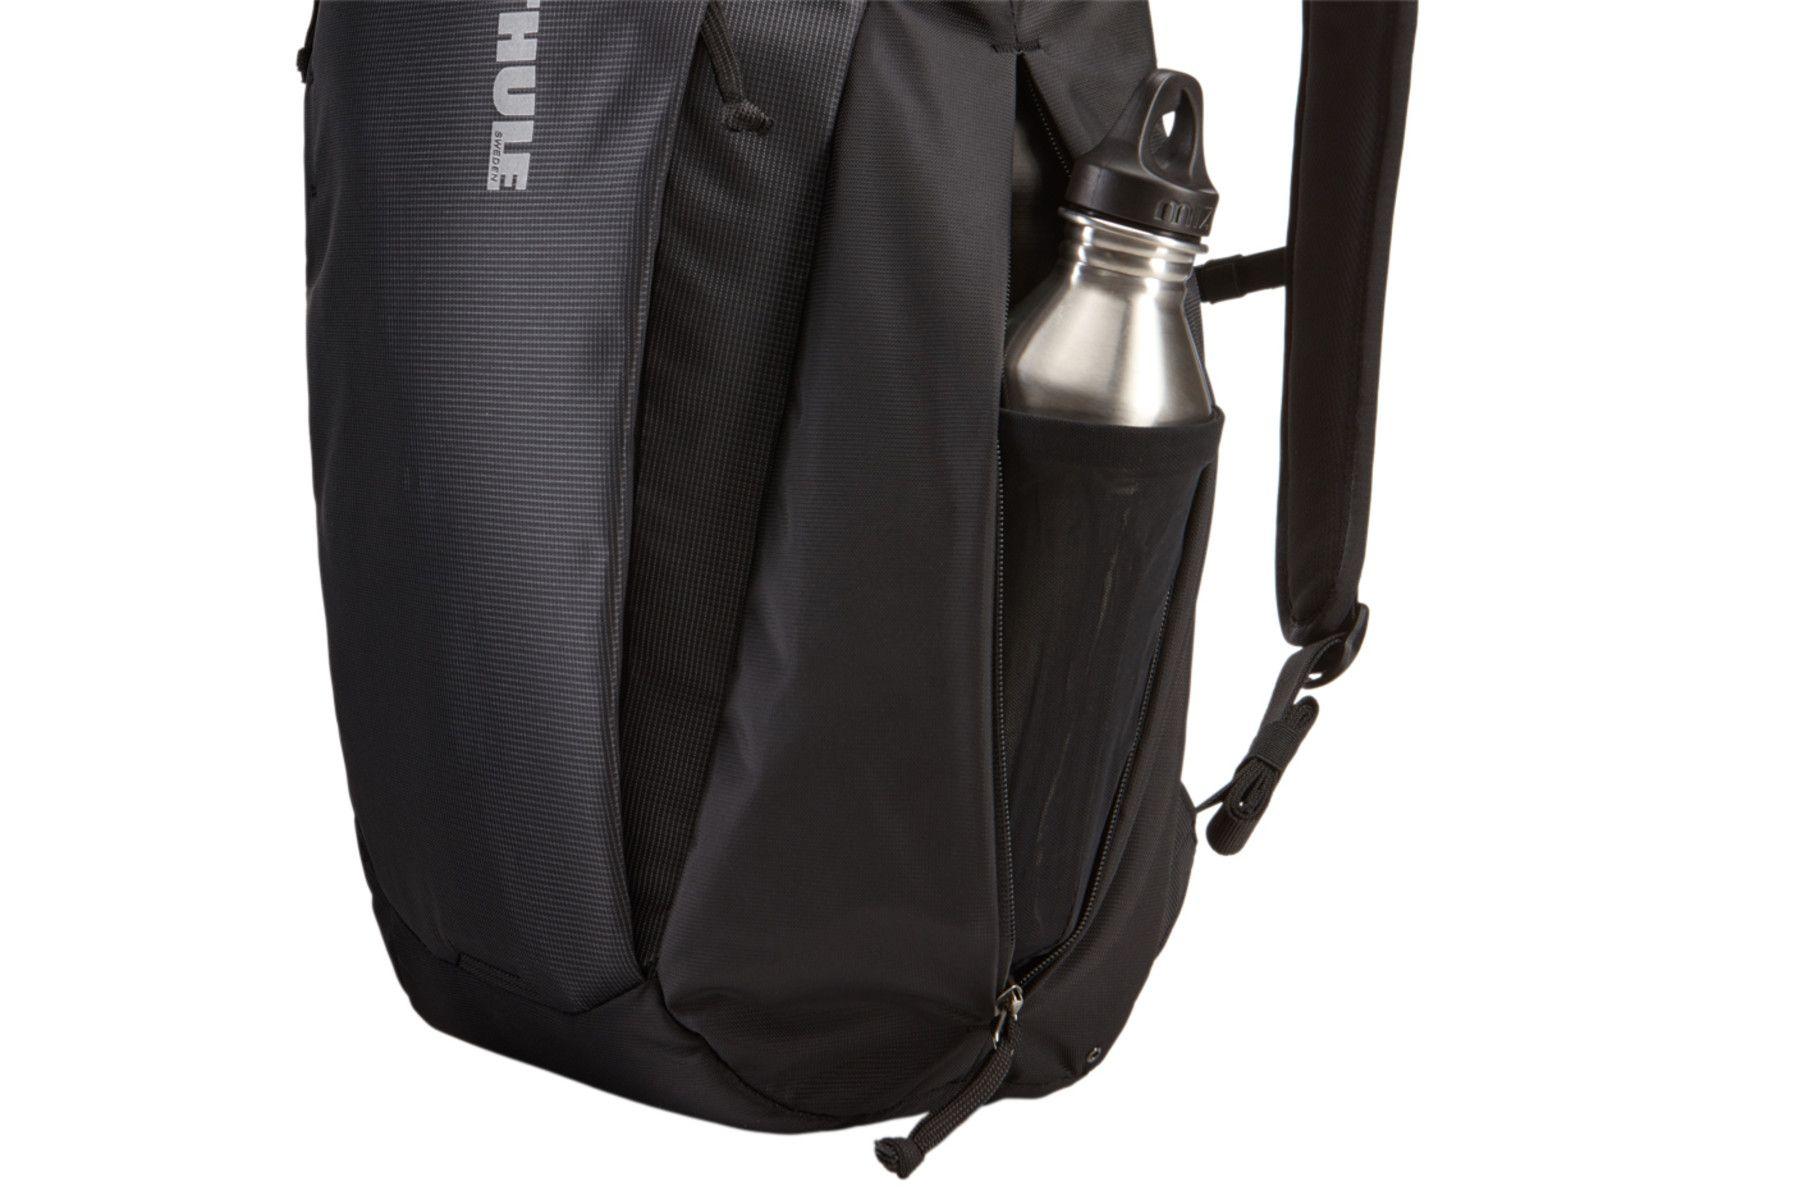 Univerzalni ruksak Thule EnRoute Backpack 23L tamno sivi